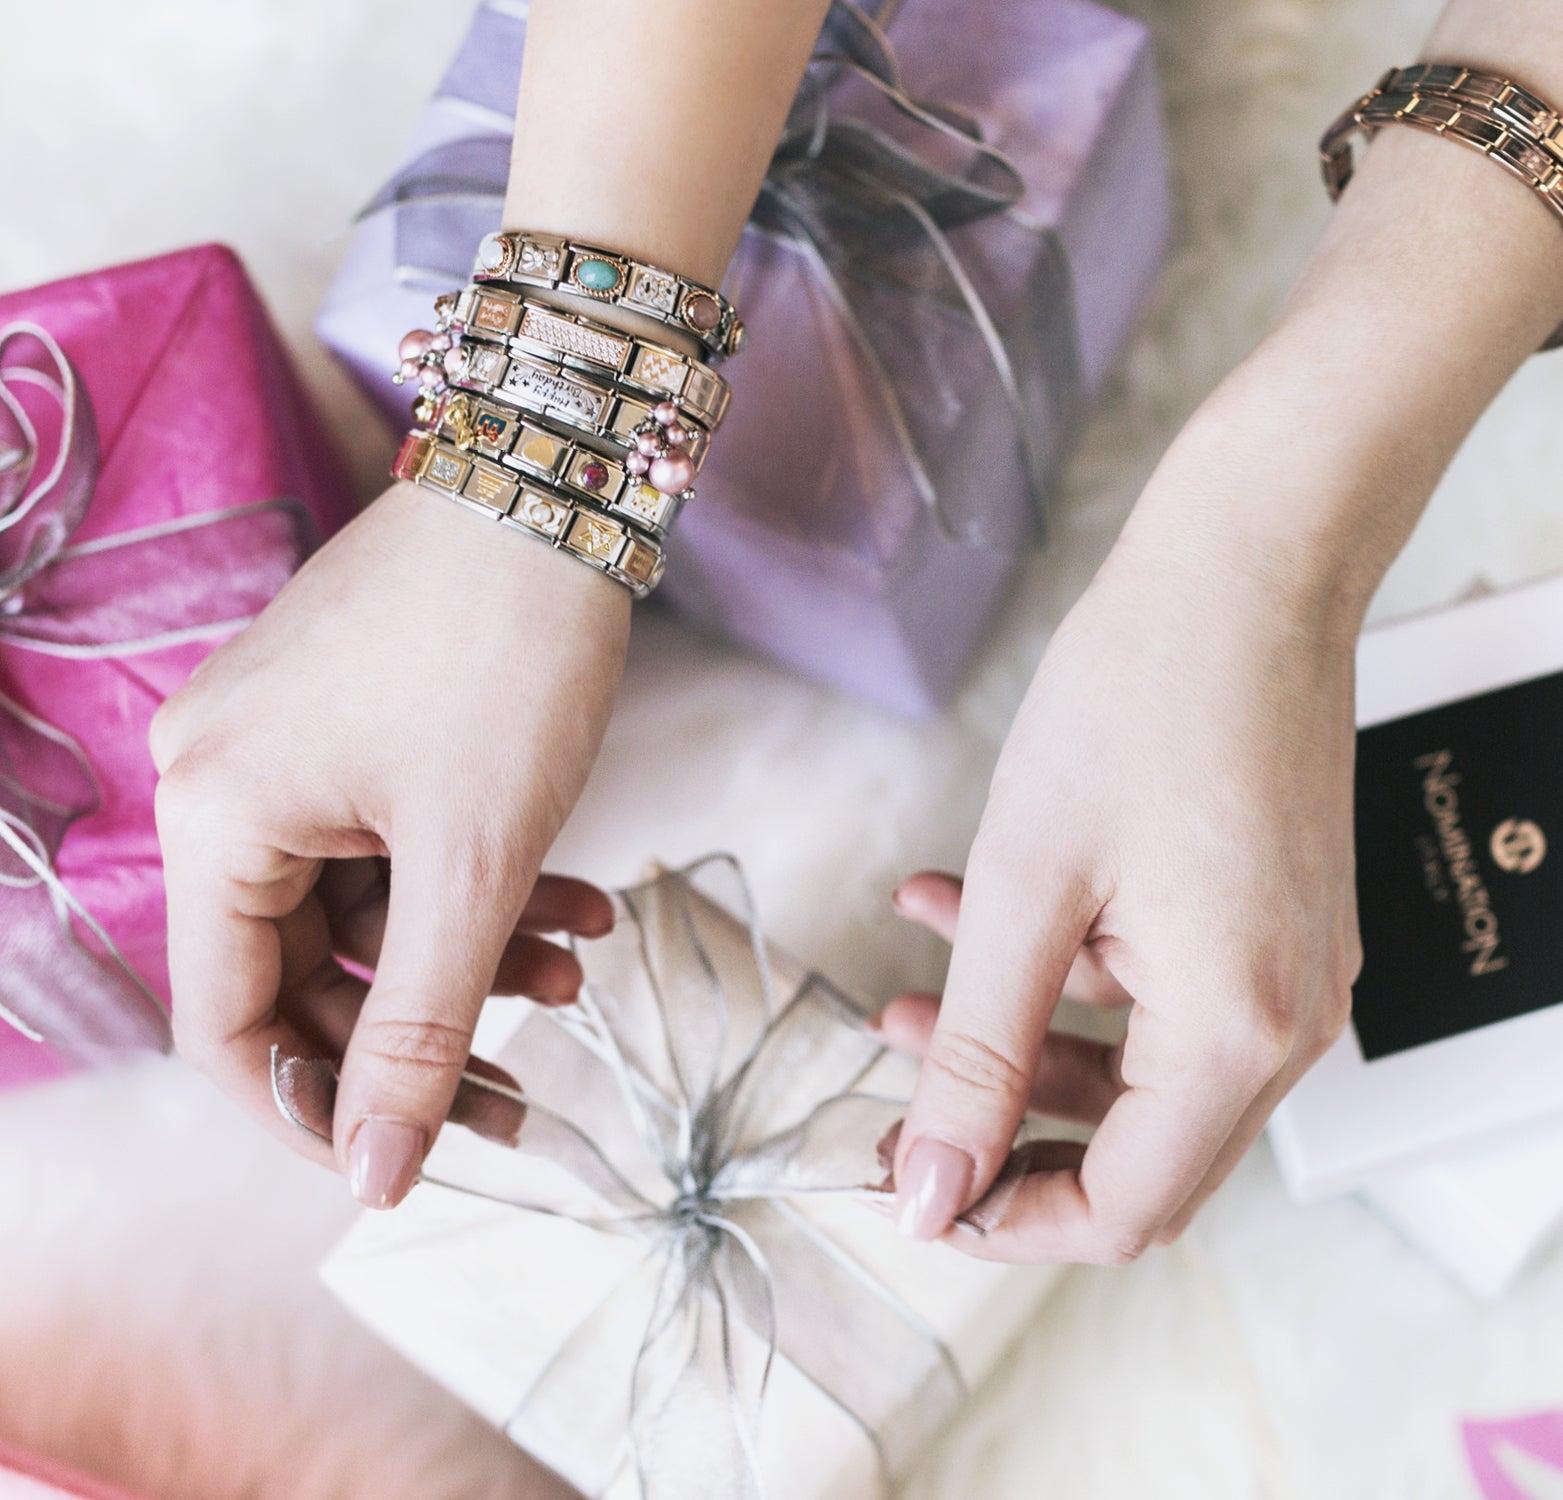 Geschenk für die beste Freundin zum Examen: Originelle Geschenkideen, um sie zu überraschen